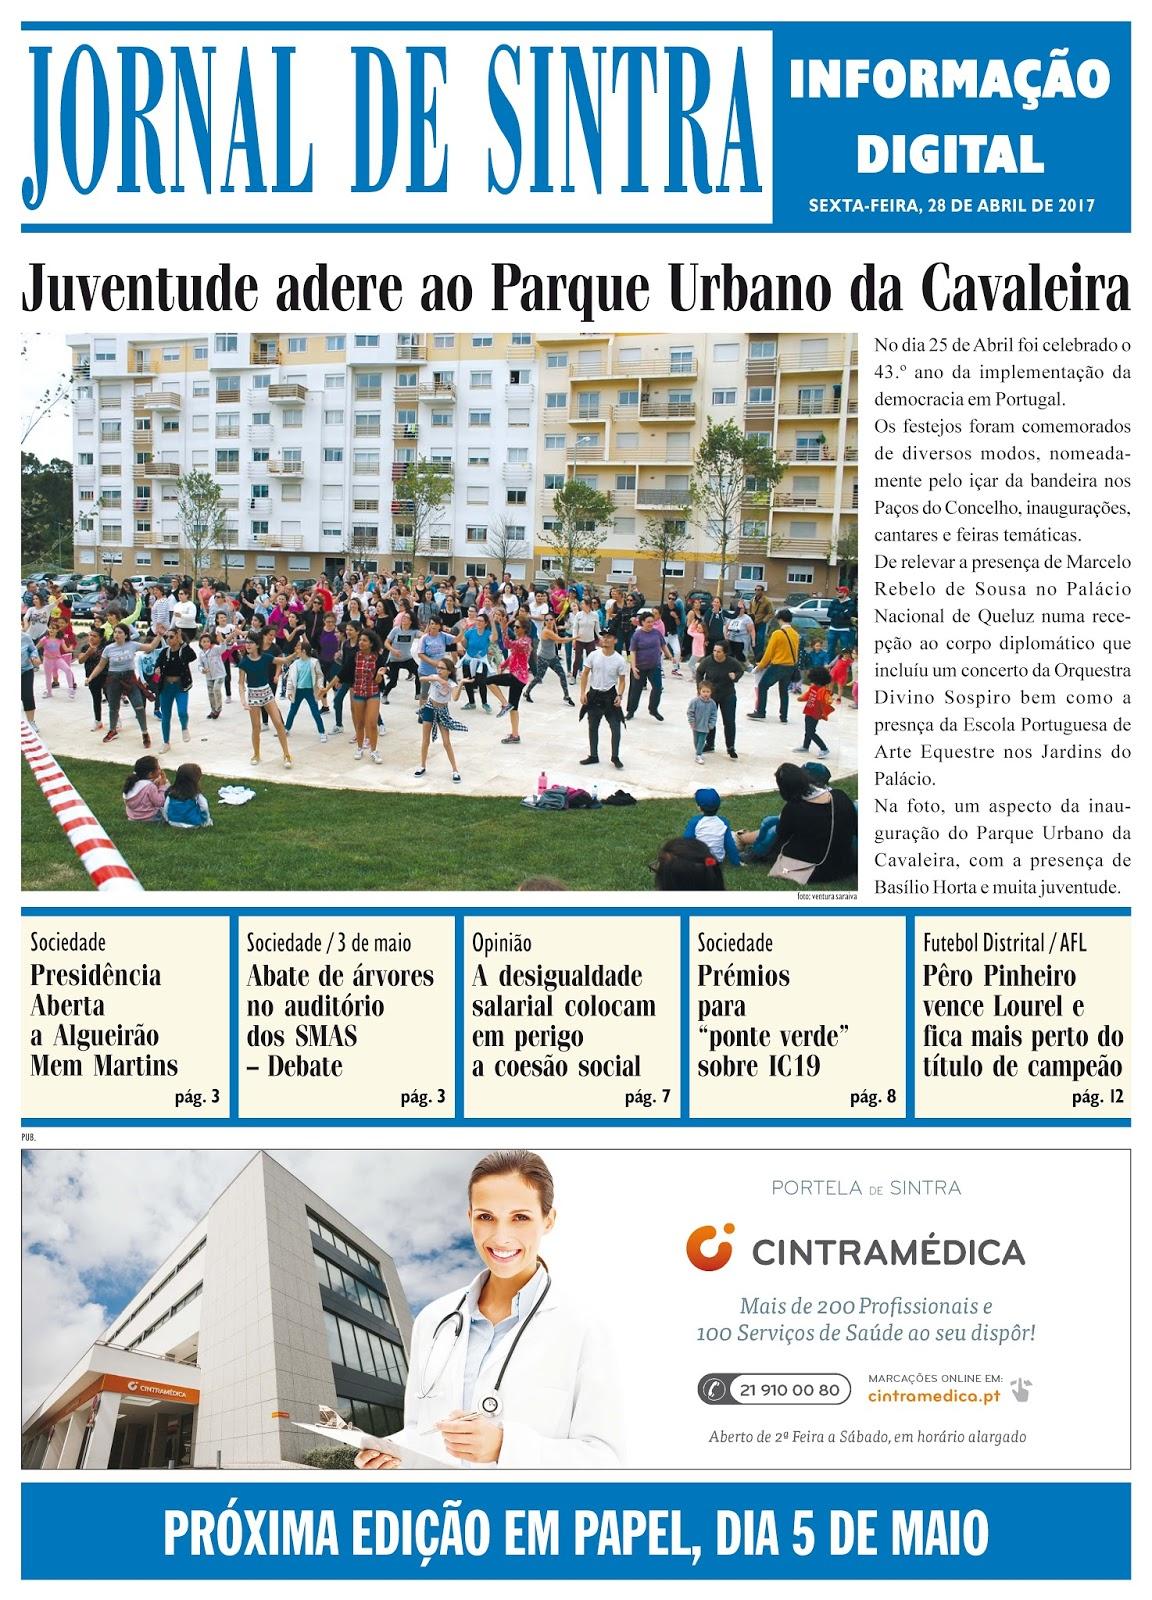 Capa da edição de 28-04-2017